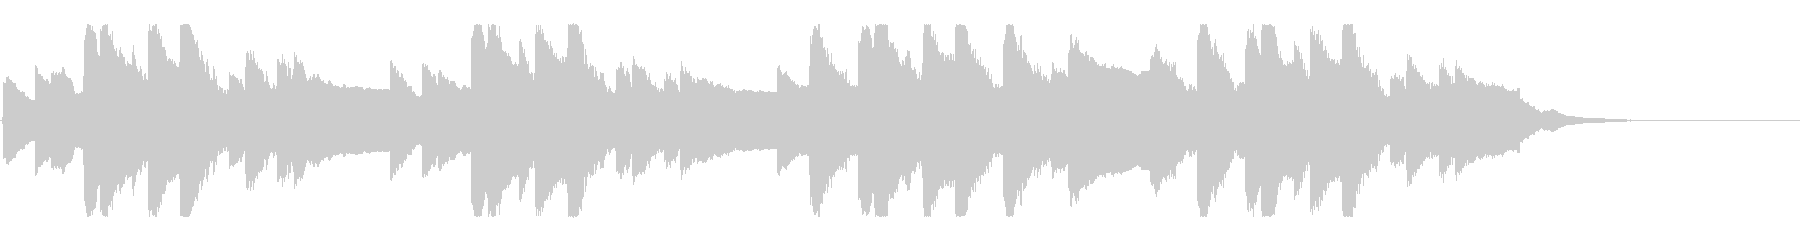 横断歩道 誘導音-5_故郷の空_revの未再生の波形